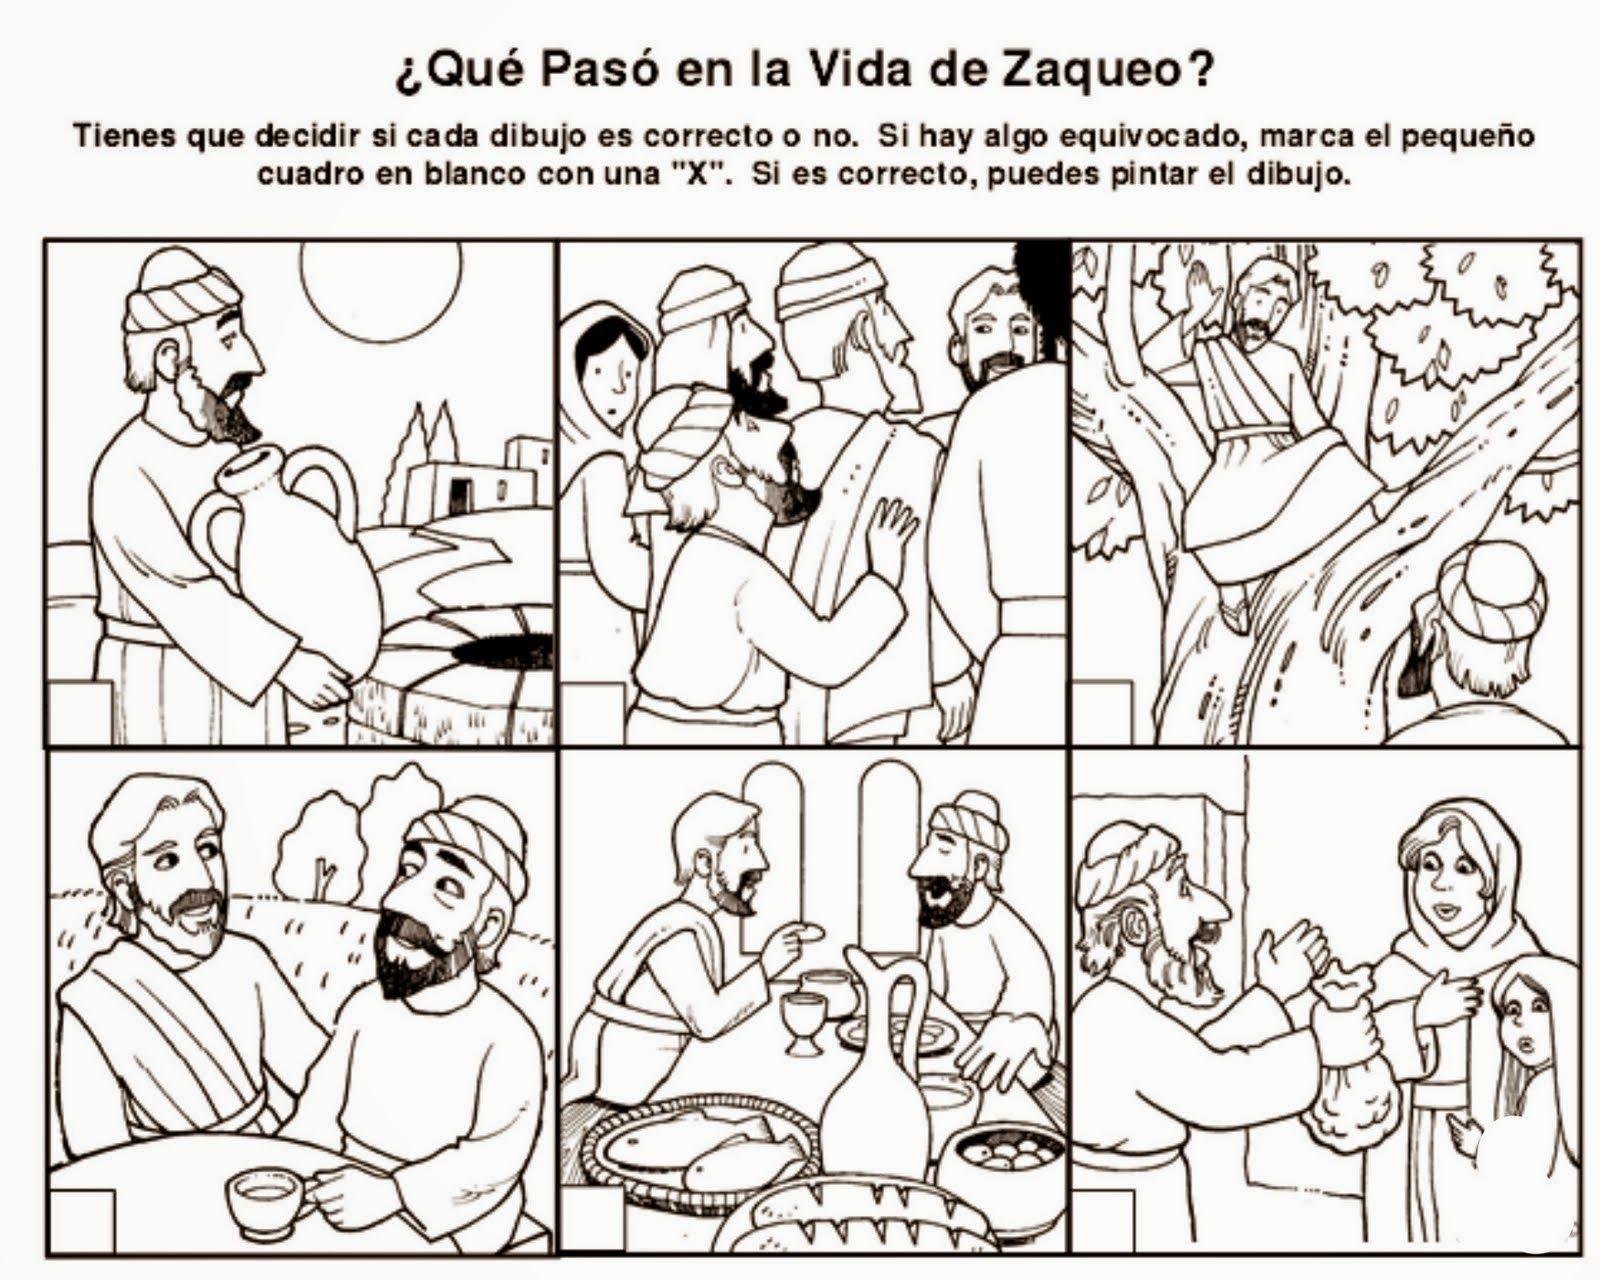 Imagenes Cristianas Para Colorear: Dibujos Para Colorear De Zaqueo ...